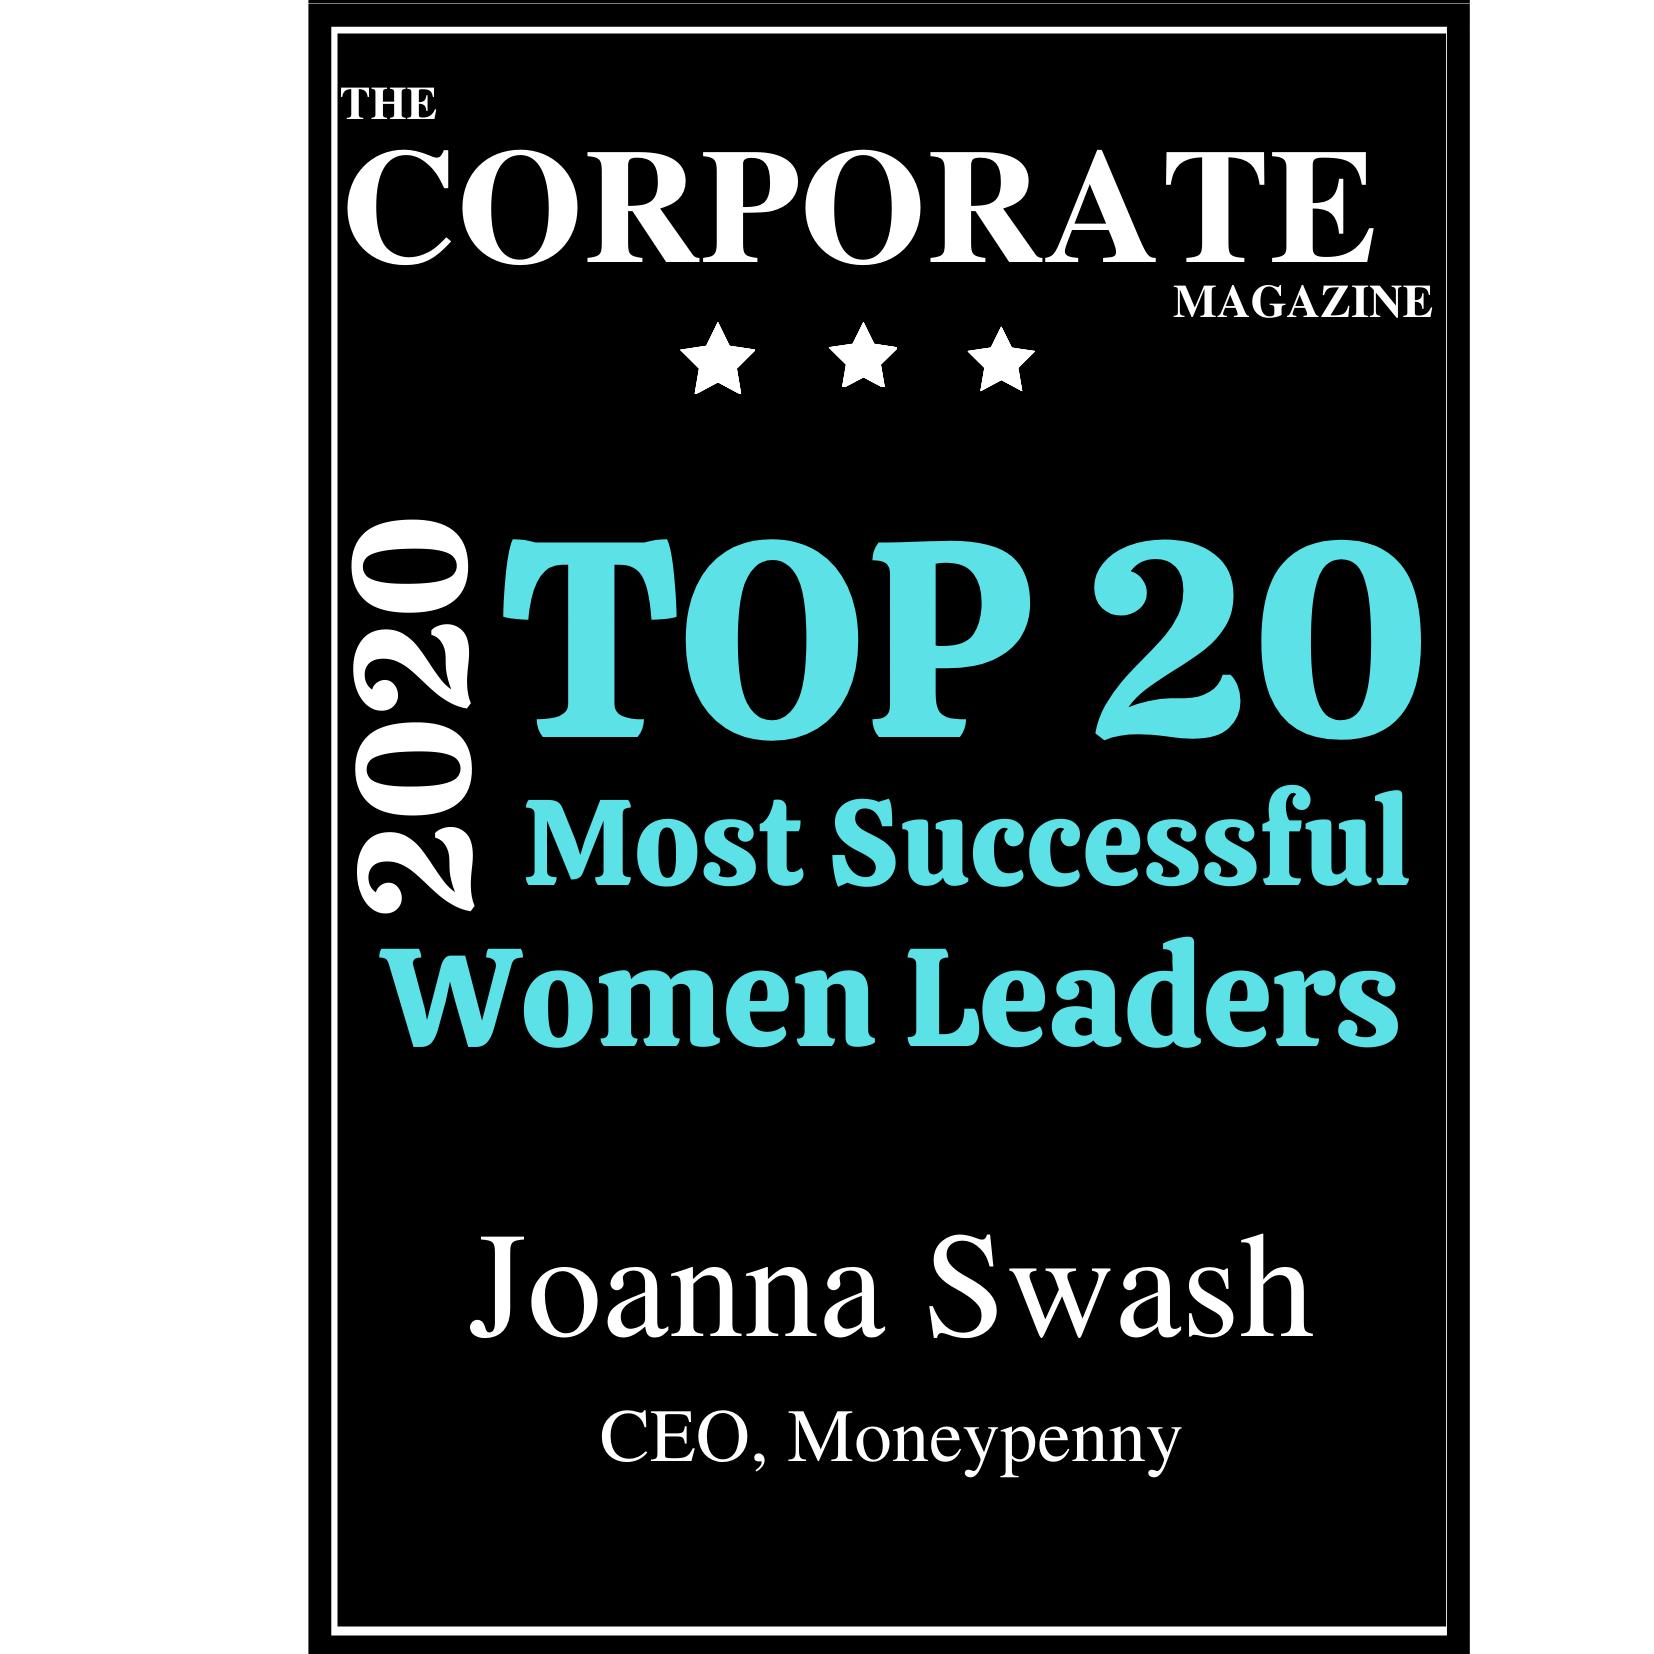 JoannaSwash The Best Corporate Magazine